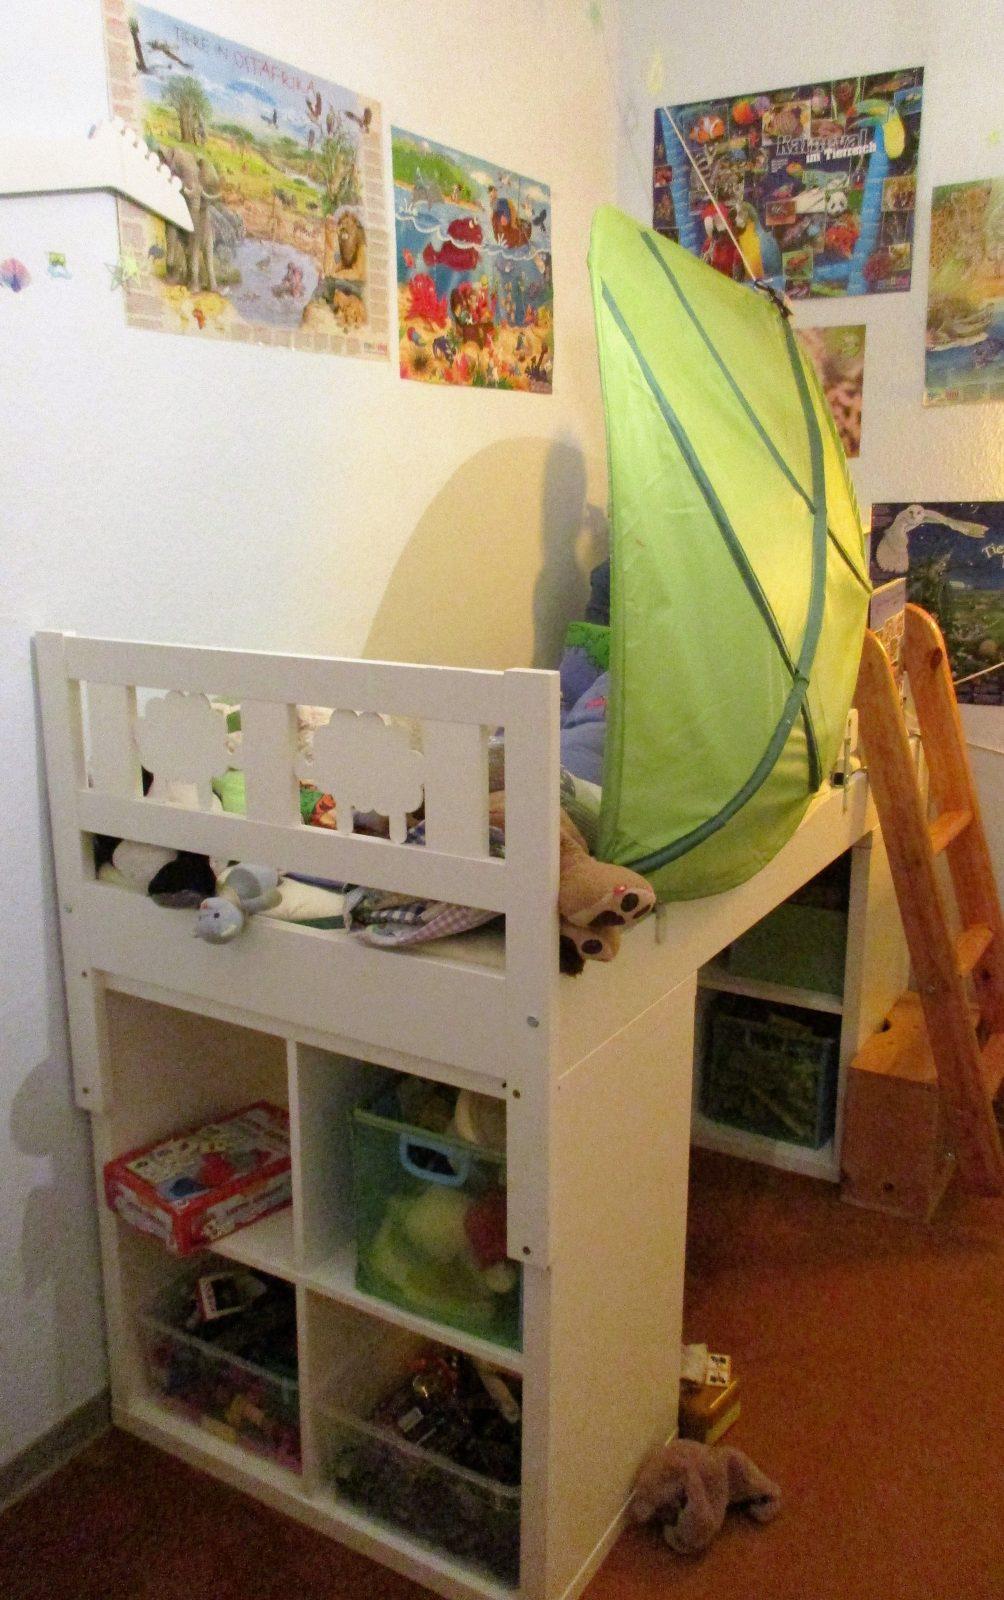 Hochbett Selber Bauen 2X Kallax Regal Von Ikea Unter Das Bett von Bett Mit Stufen Selber Bauen Bild